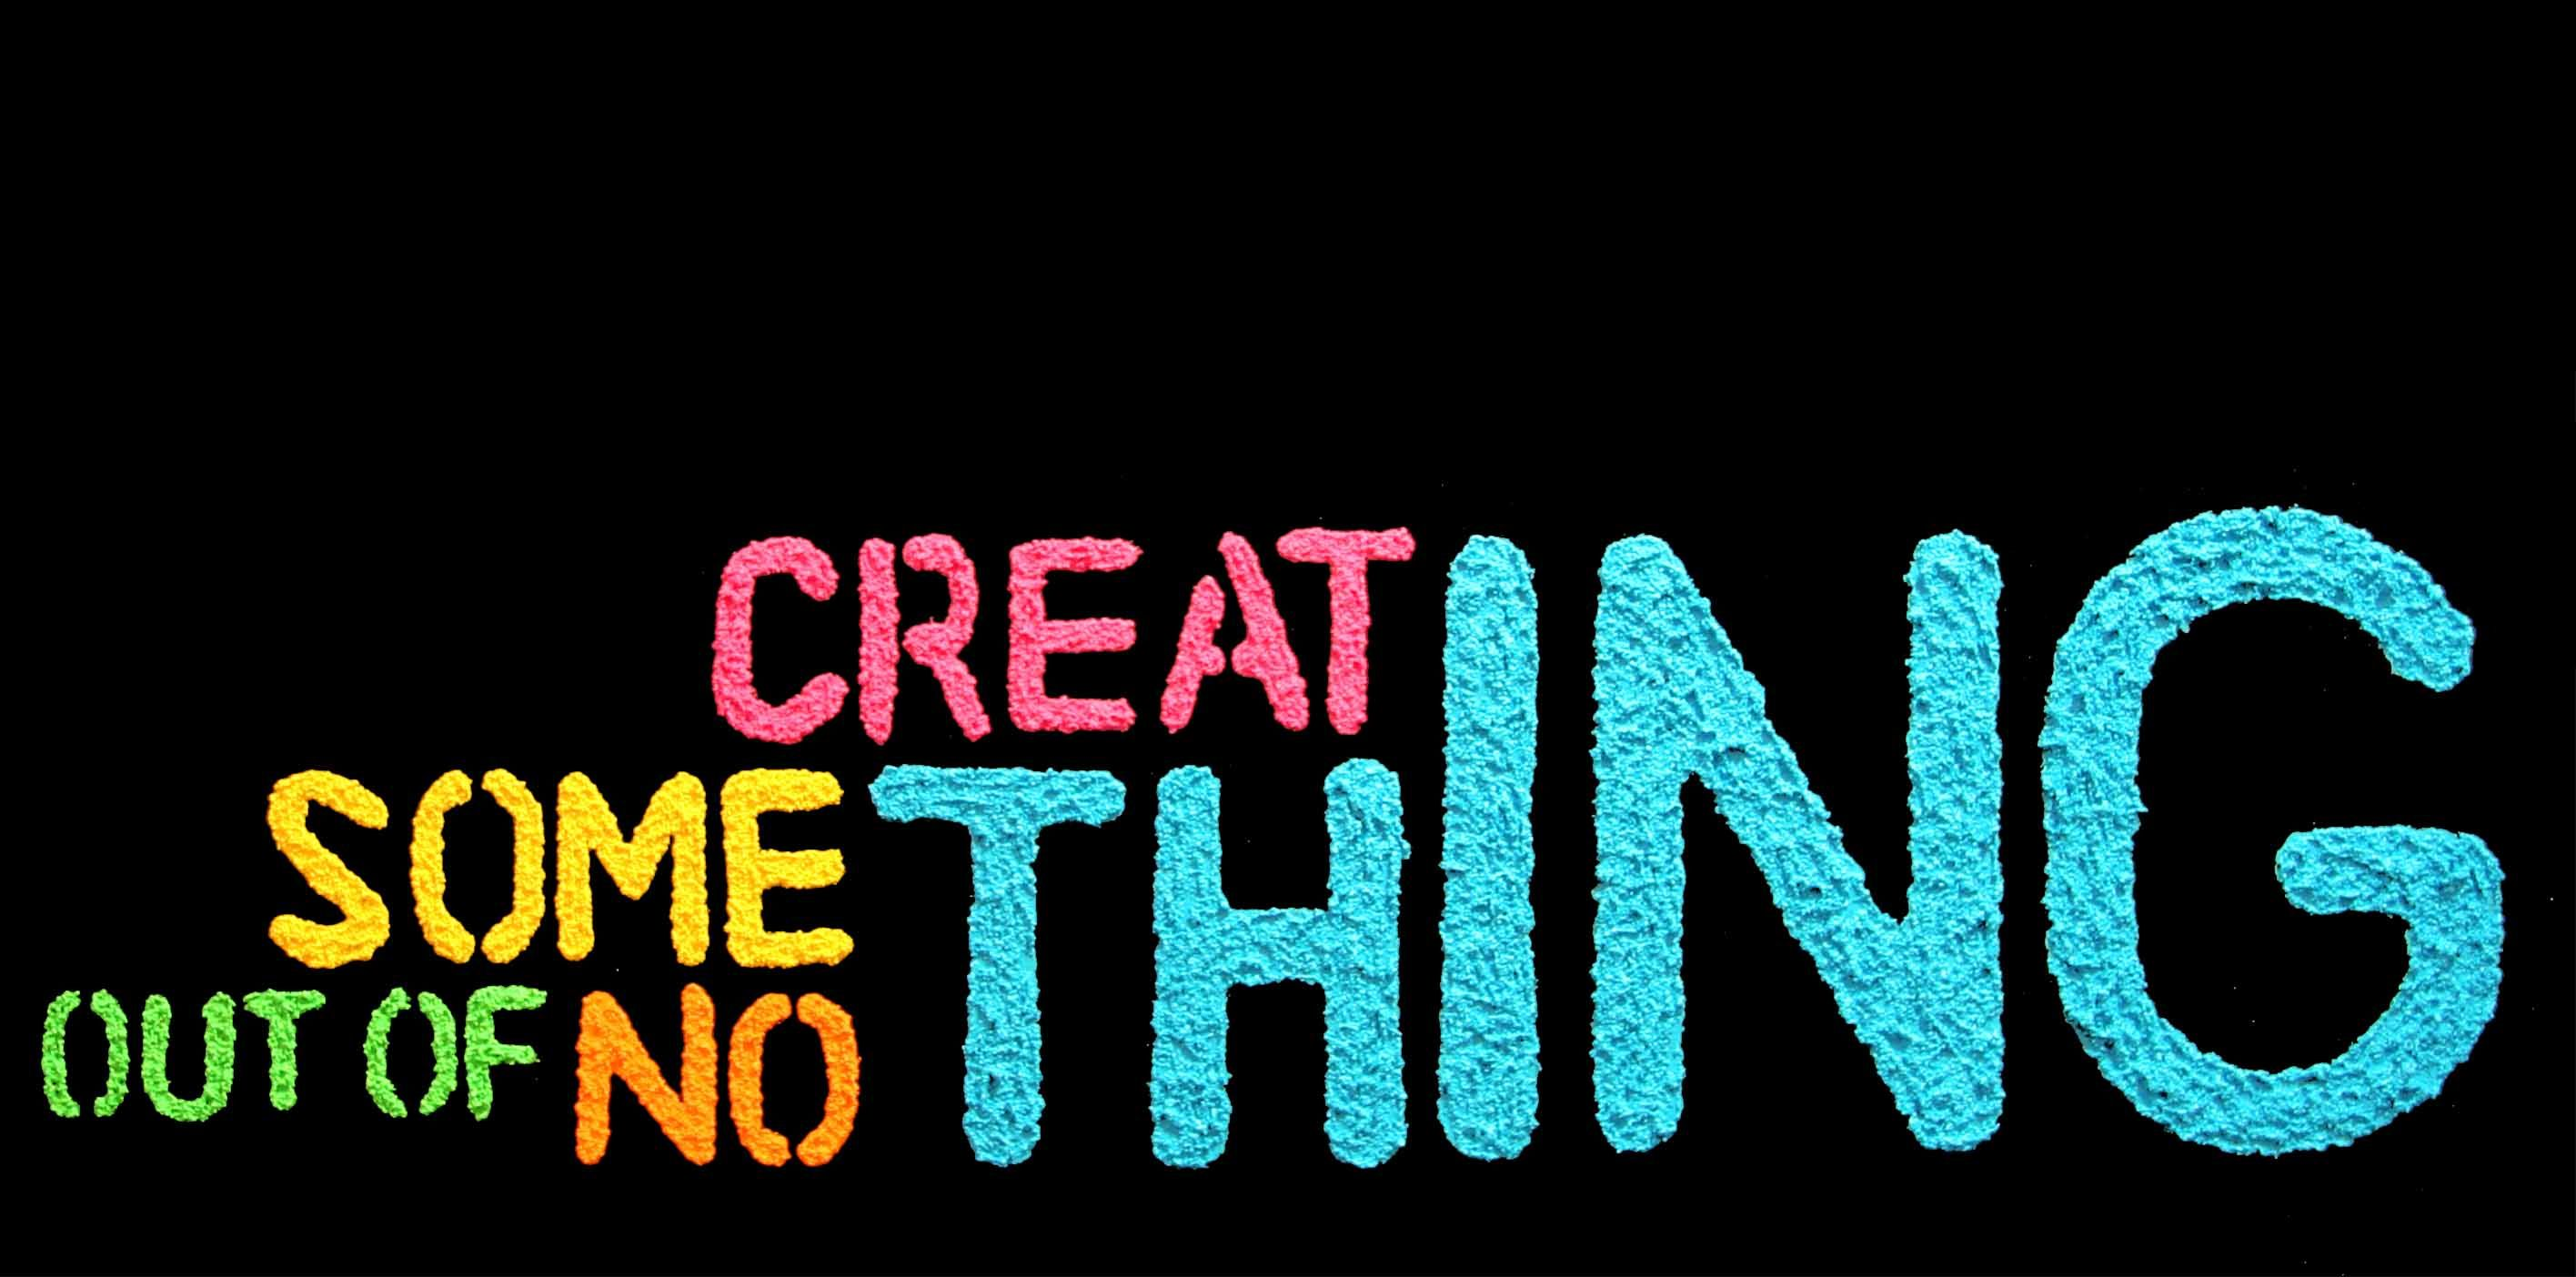 Crea imagenes, no las copies